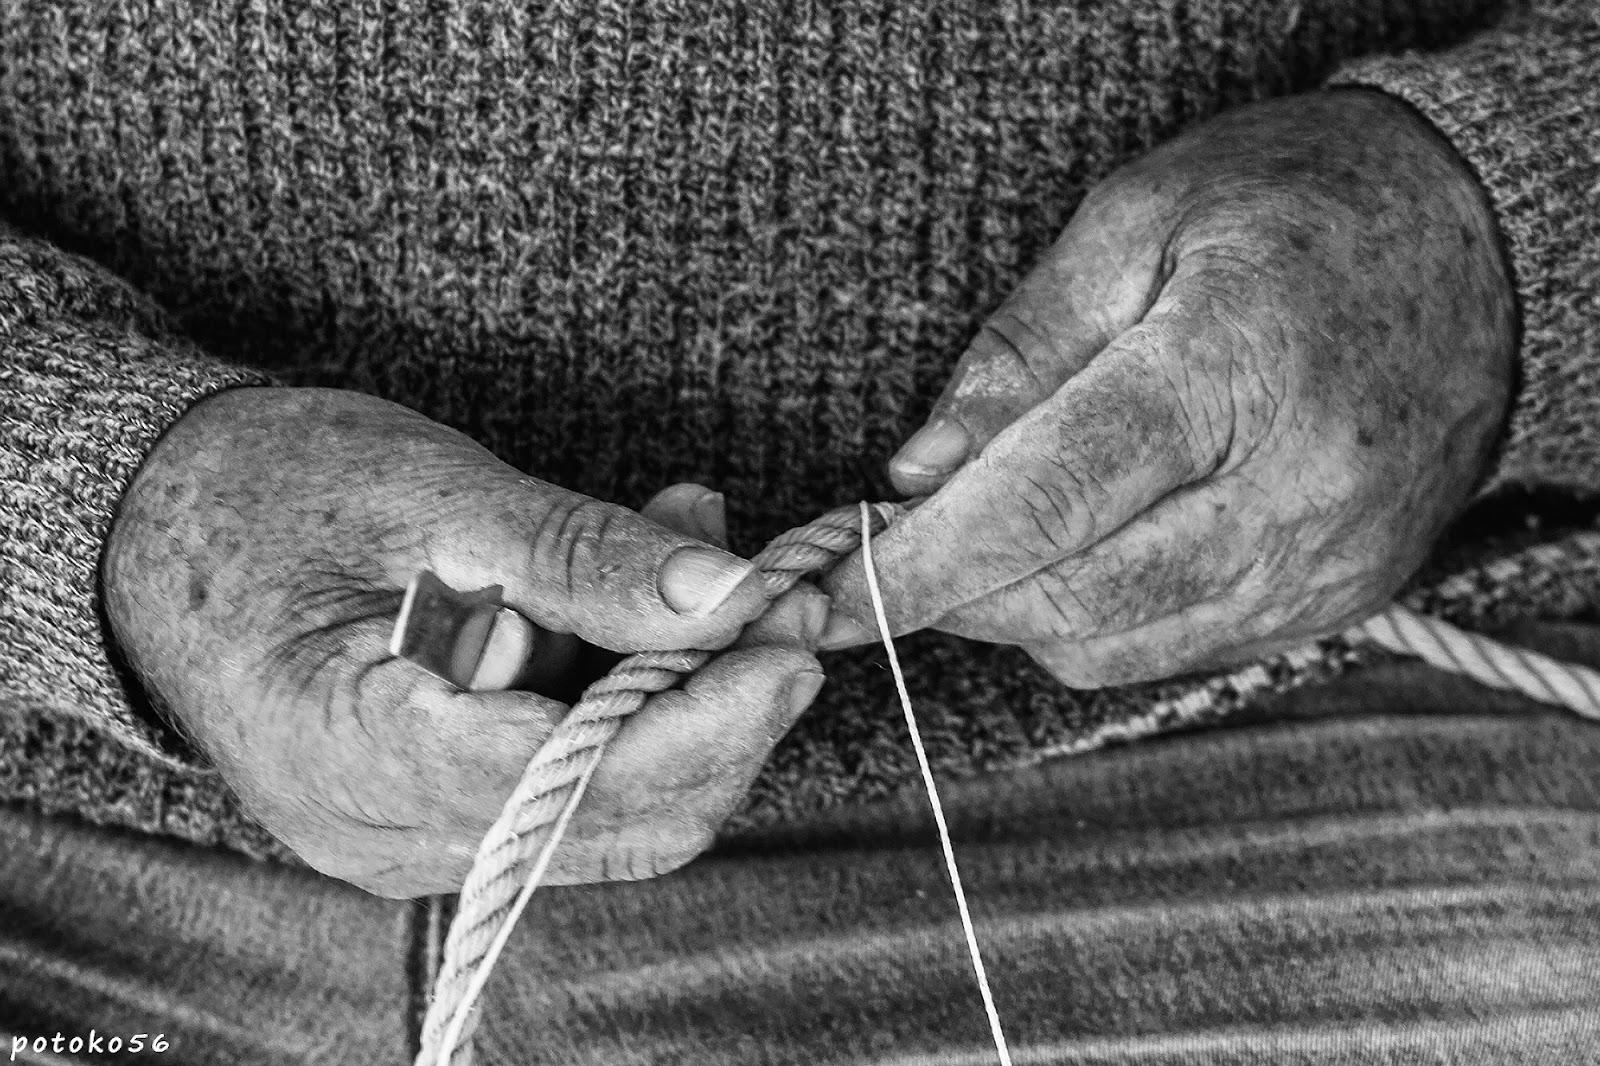 manos de pescador arreglando redes Rota